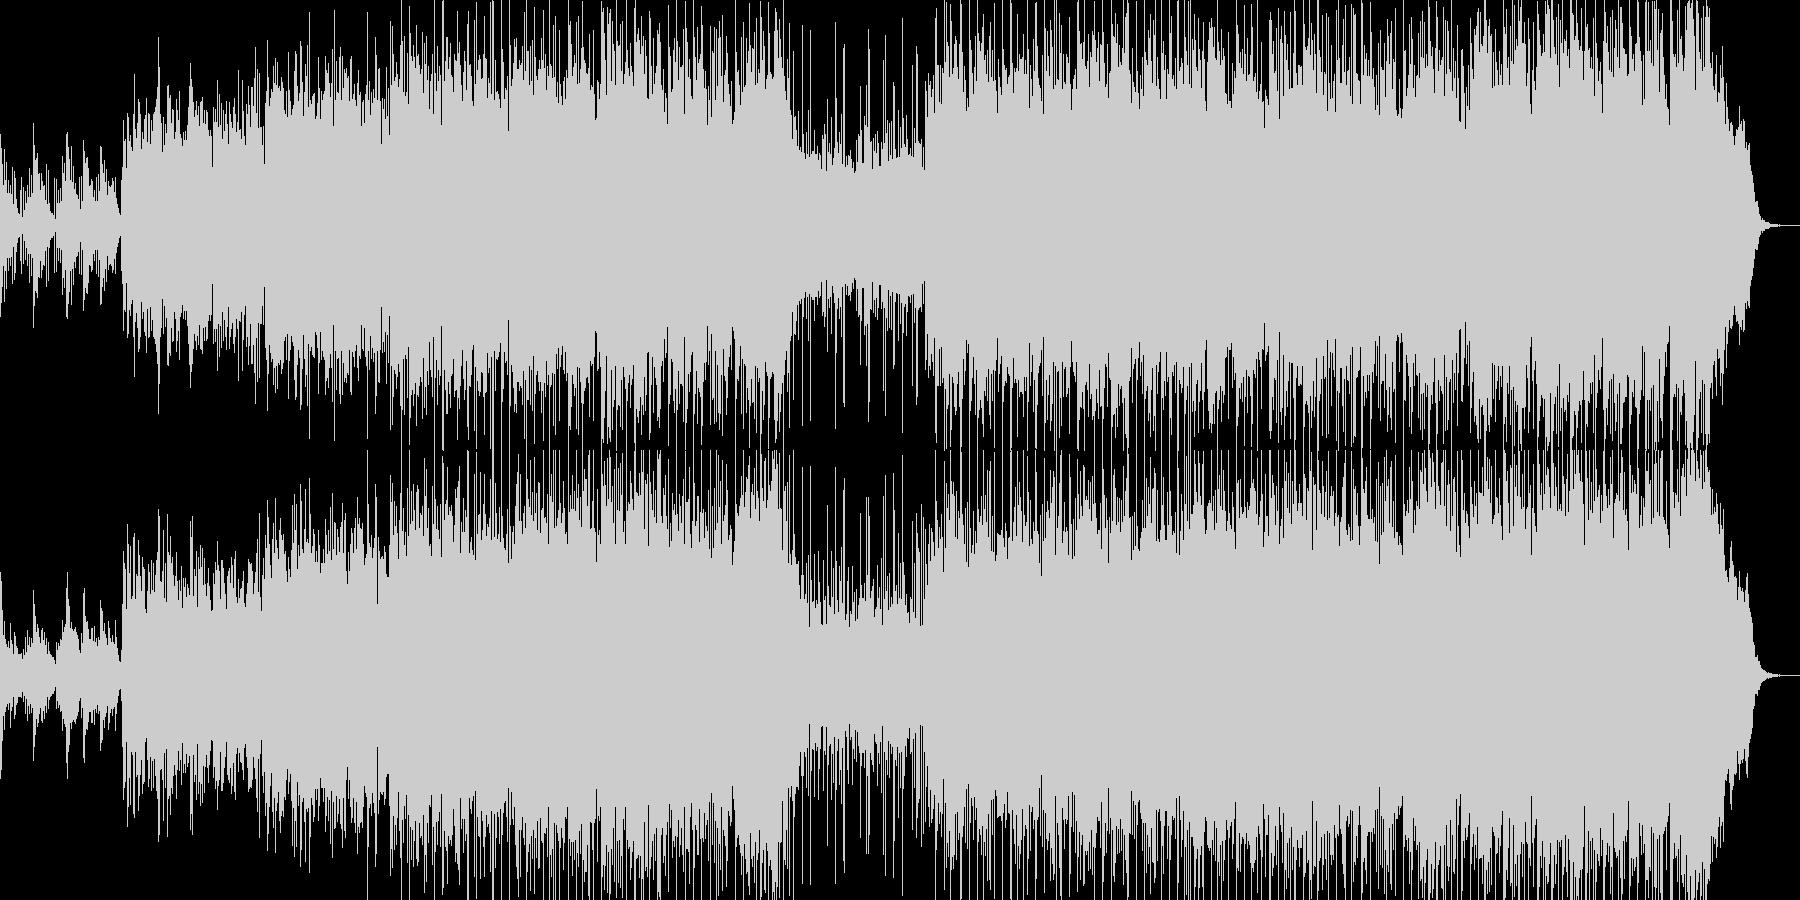 広がりのあるムード曲の未再生の波形